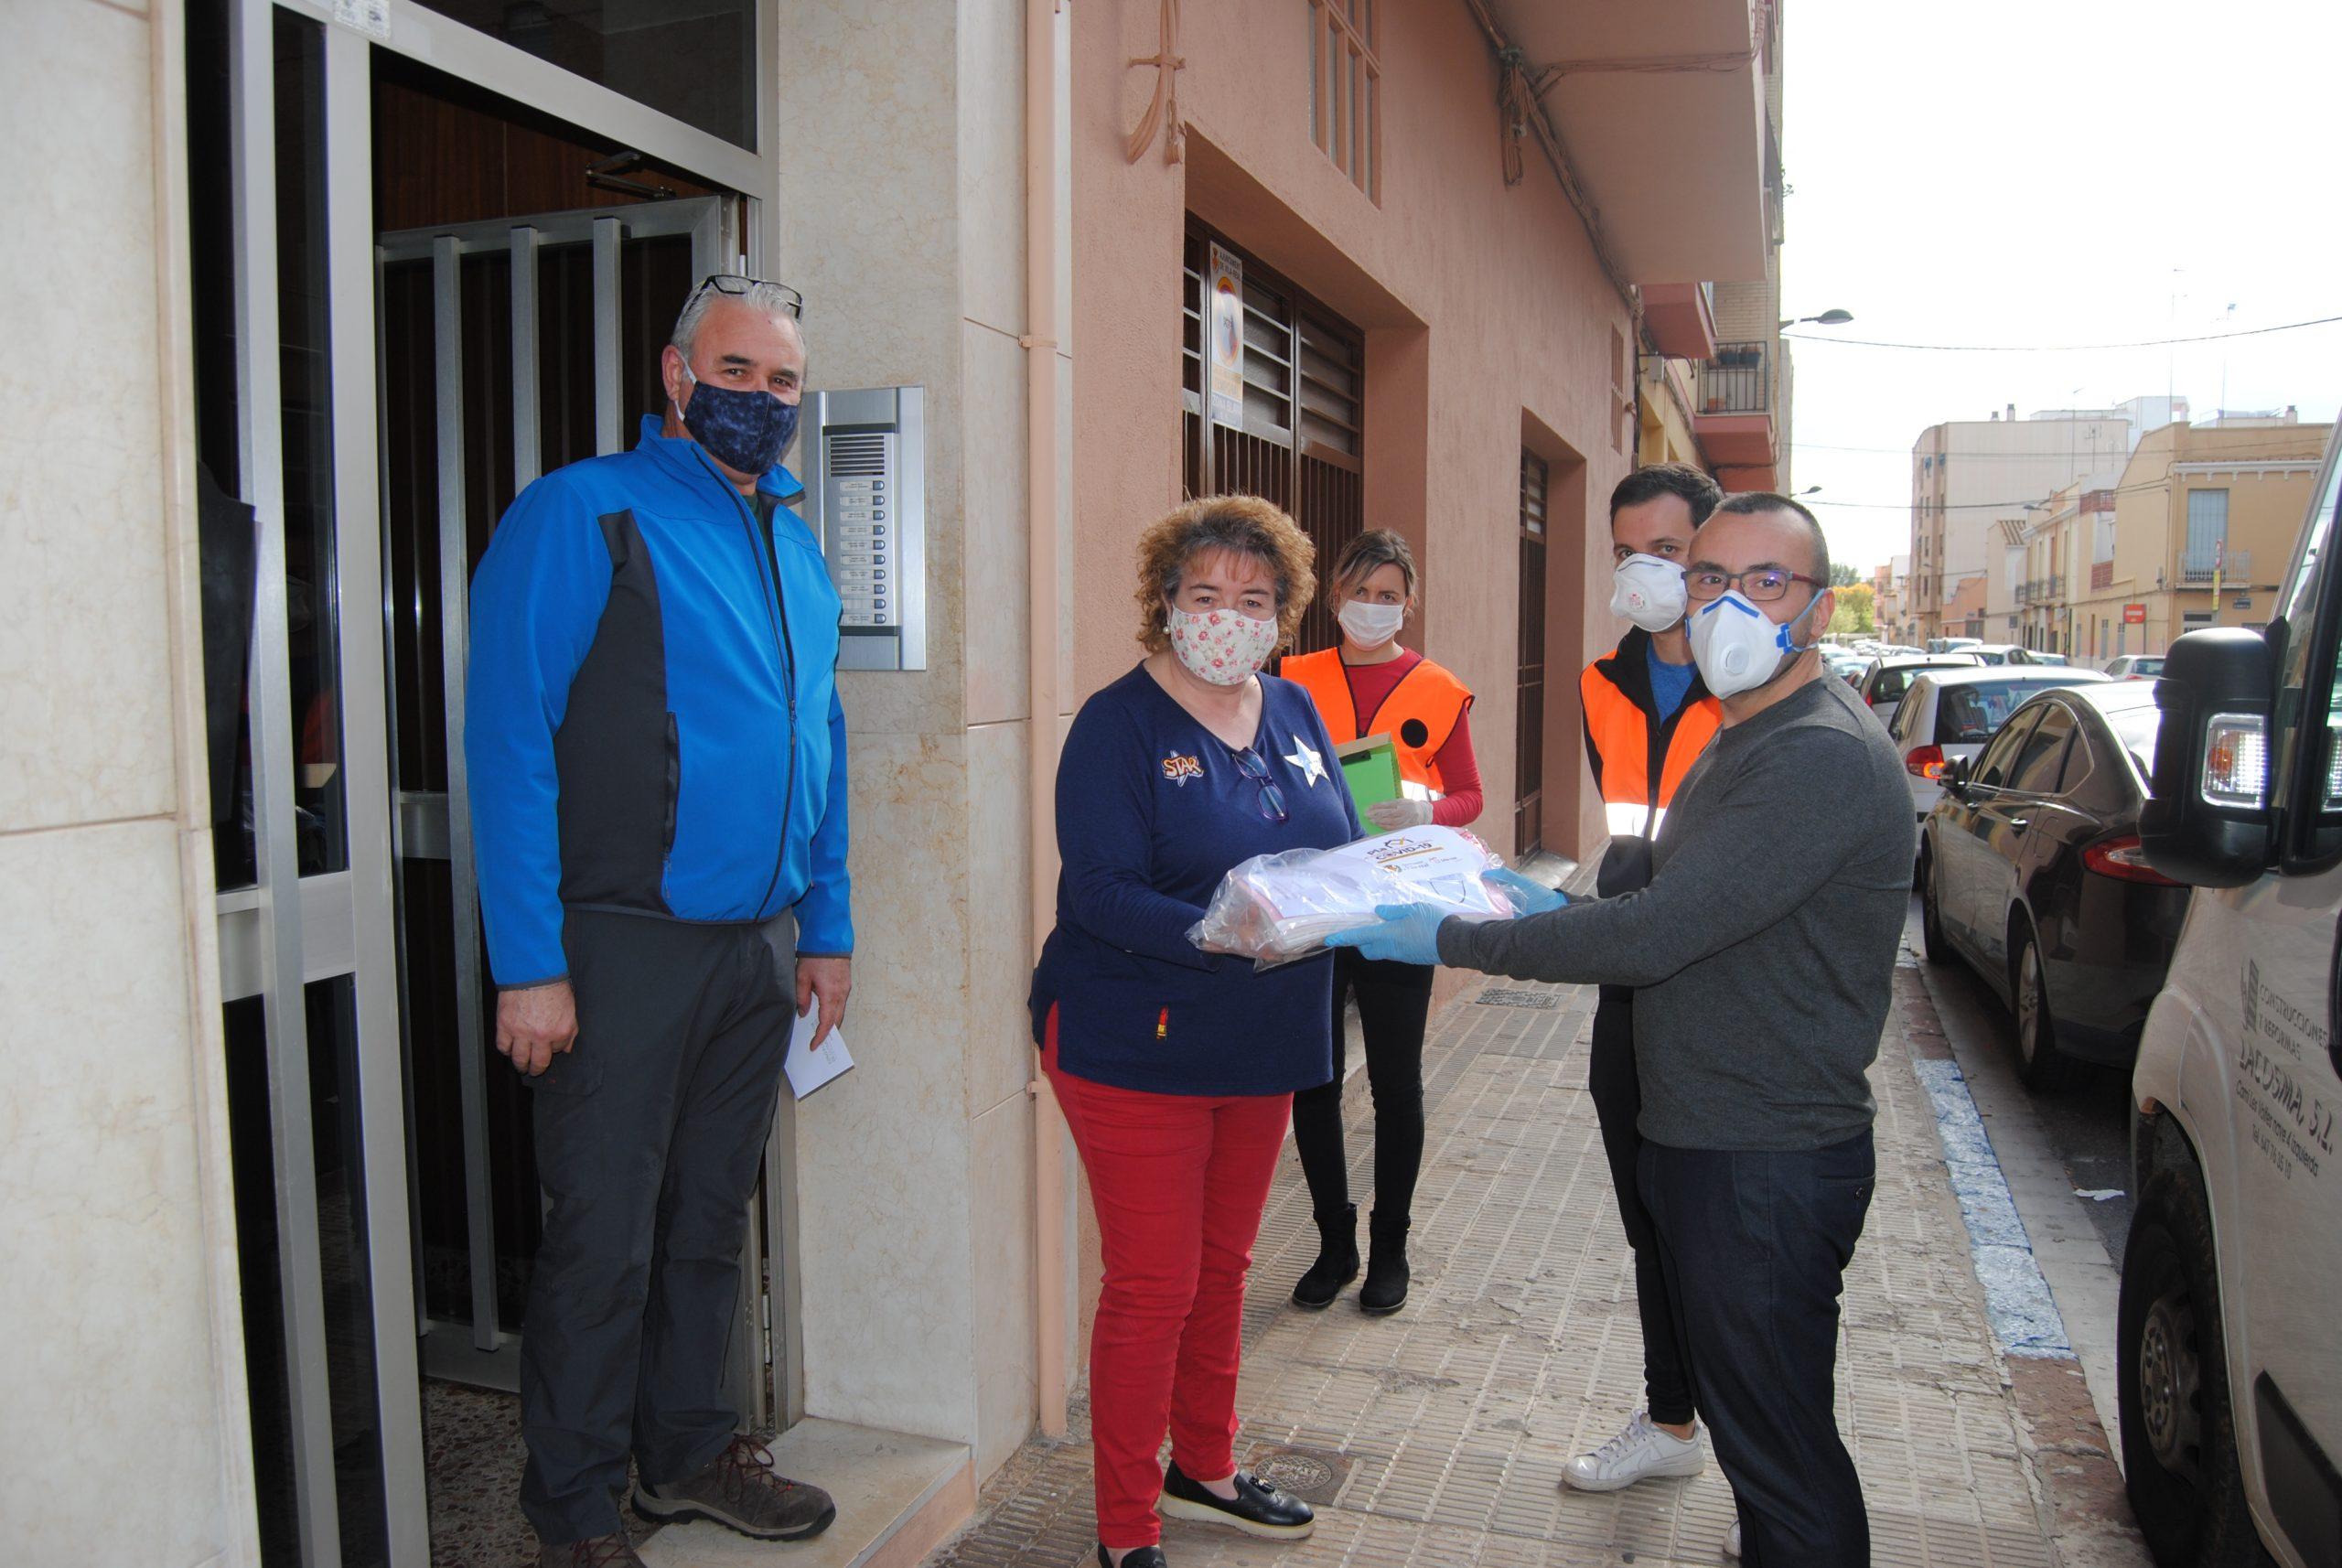 Vila-real da continuidad al voluntariado inscrito durante la crisis del COVID-19 para futuras emergencias